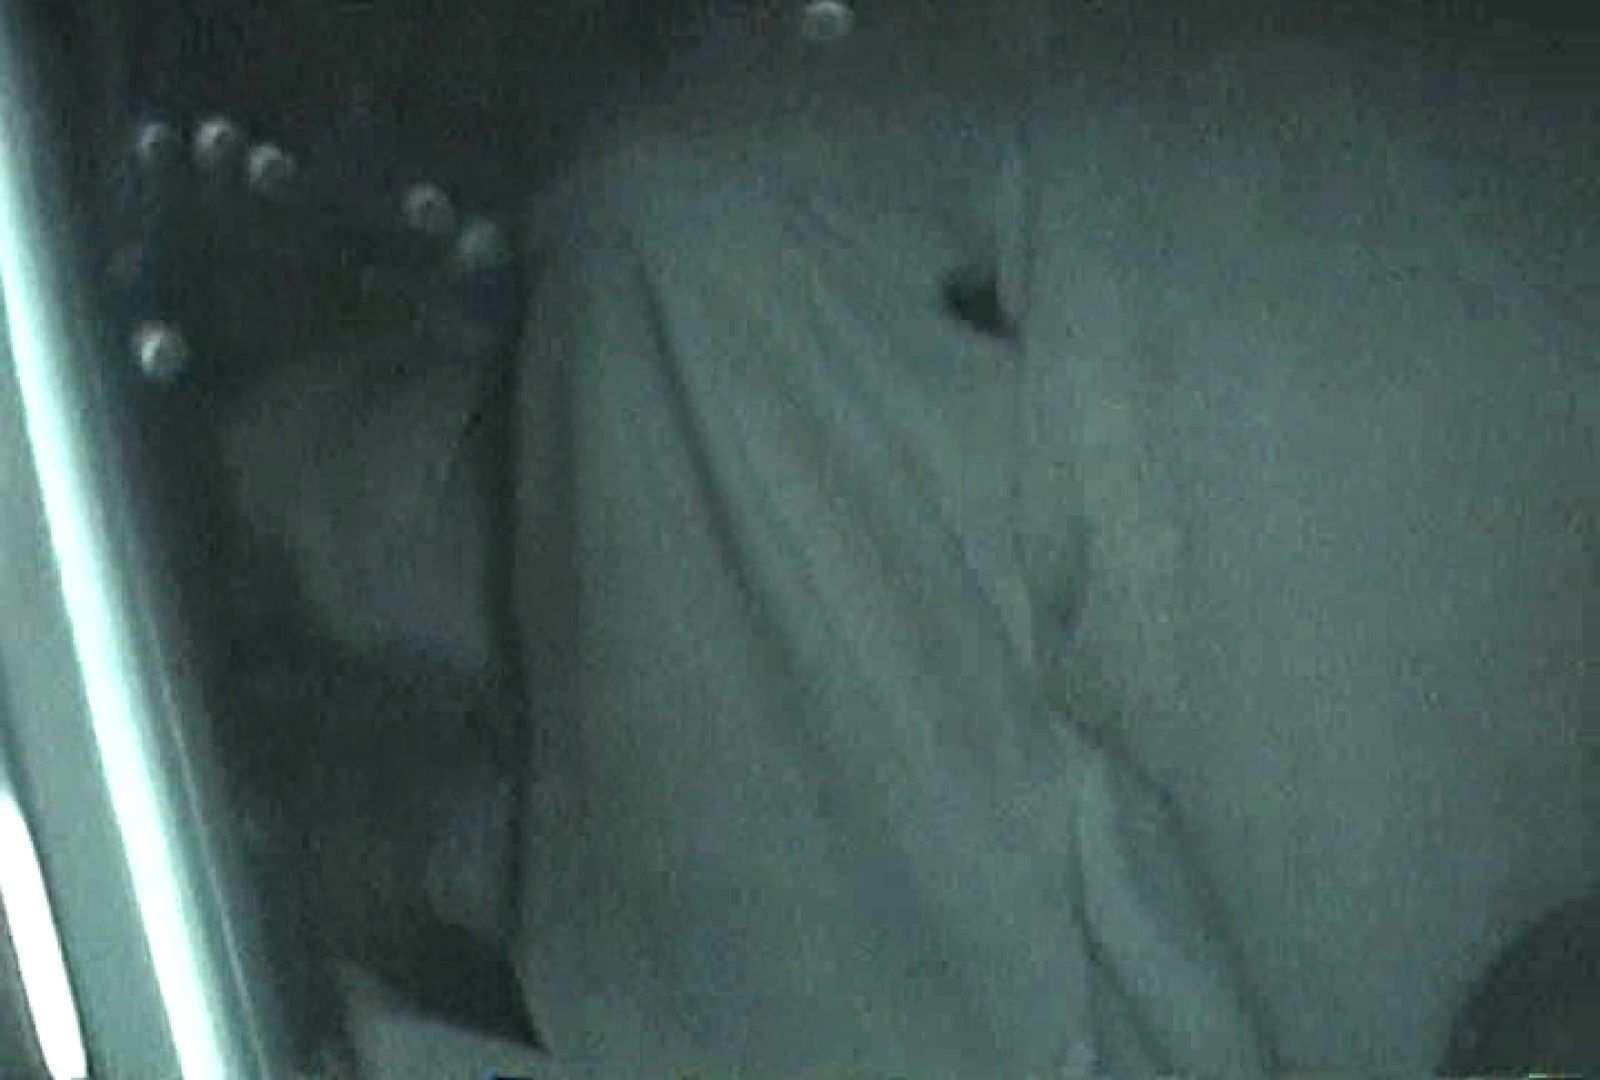 充血監督の深夜の運動会Vol.54 フェラ 隠し撮りオマンコ動画紹介 103pic 32